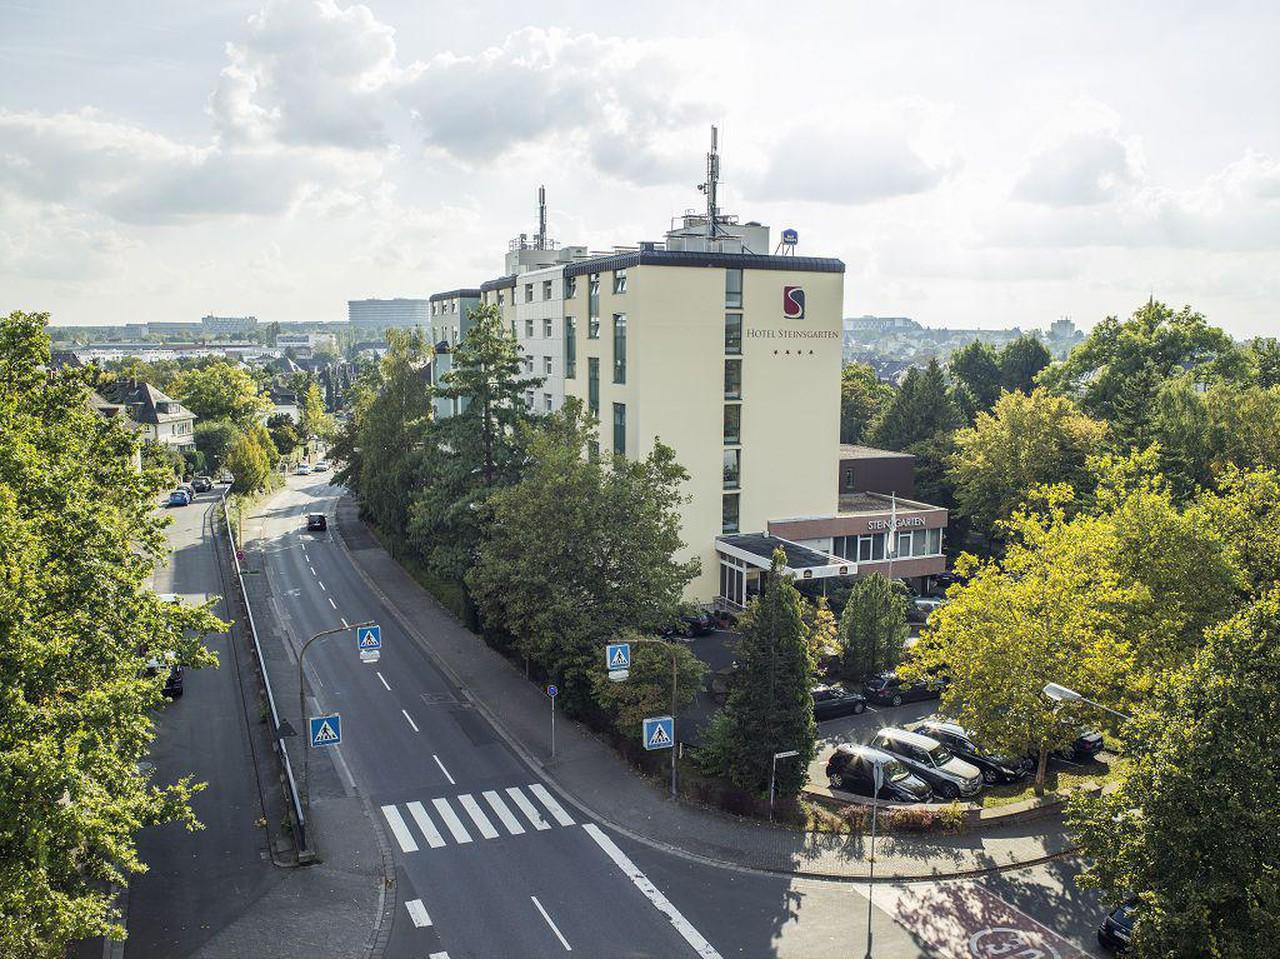 Rest of the World   BEST WESTERN PLUS Hotel Steinsgarten image 1